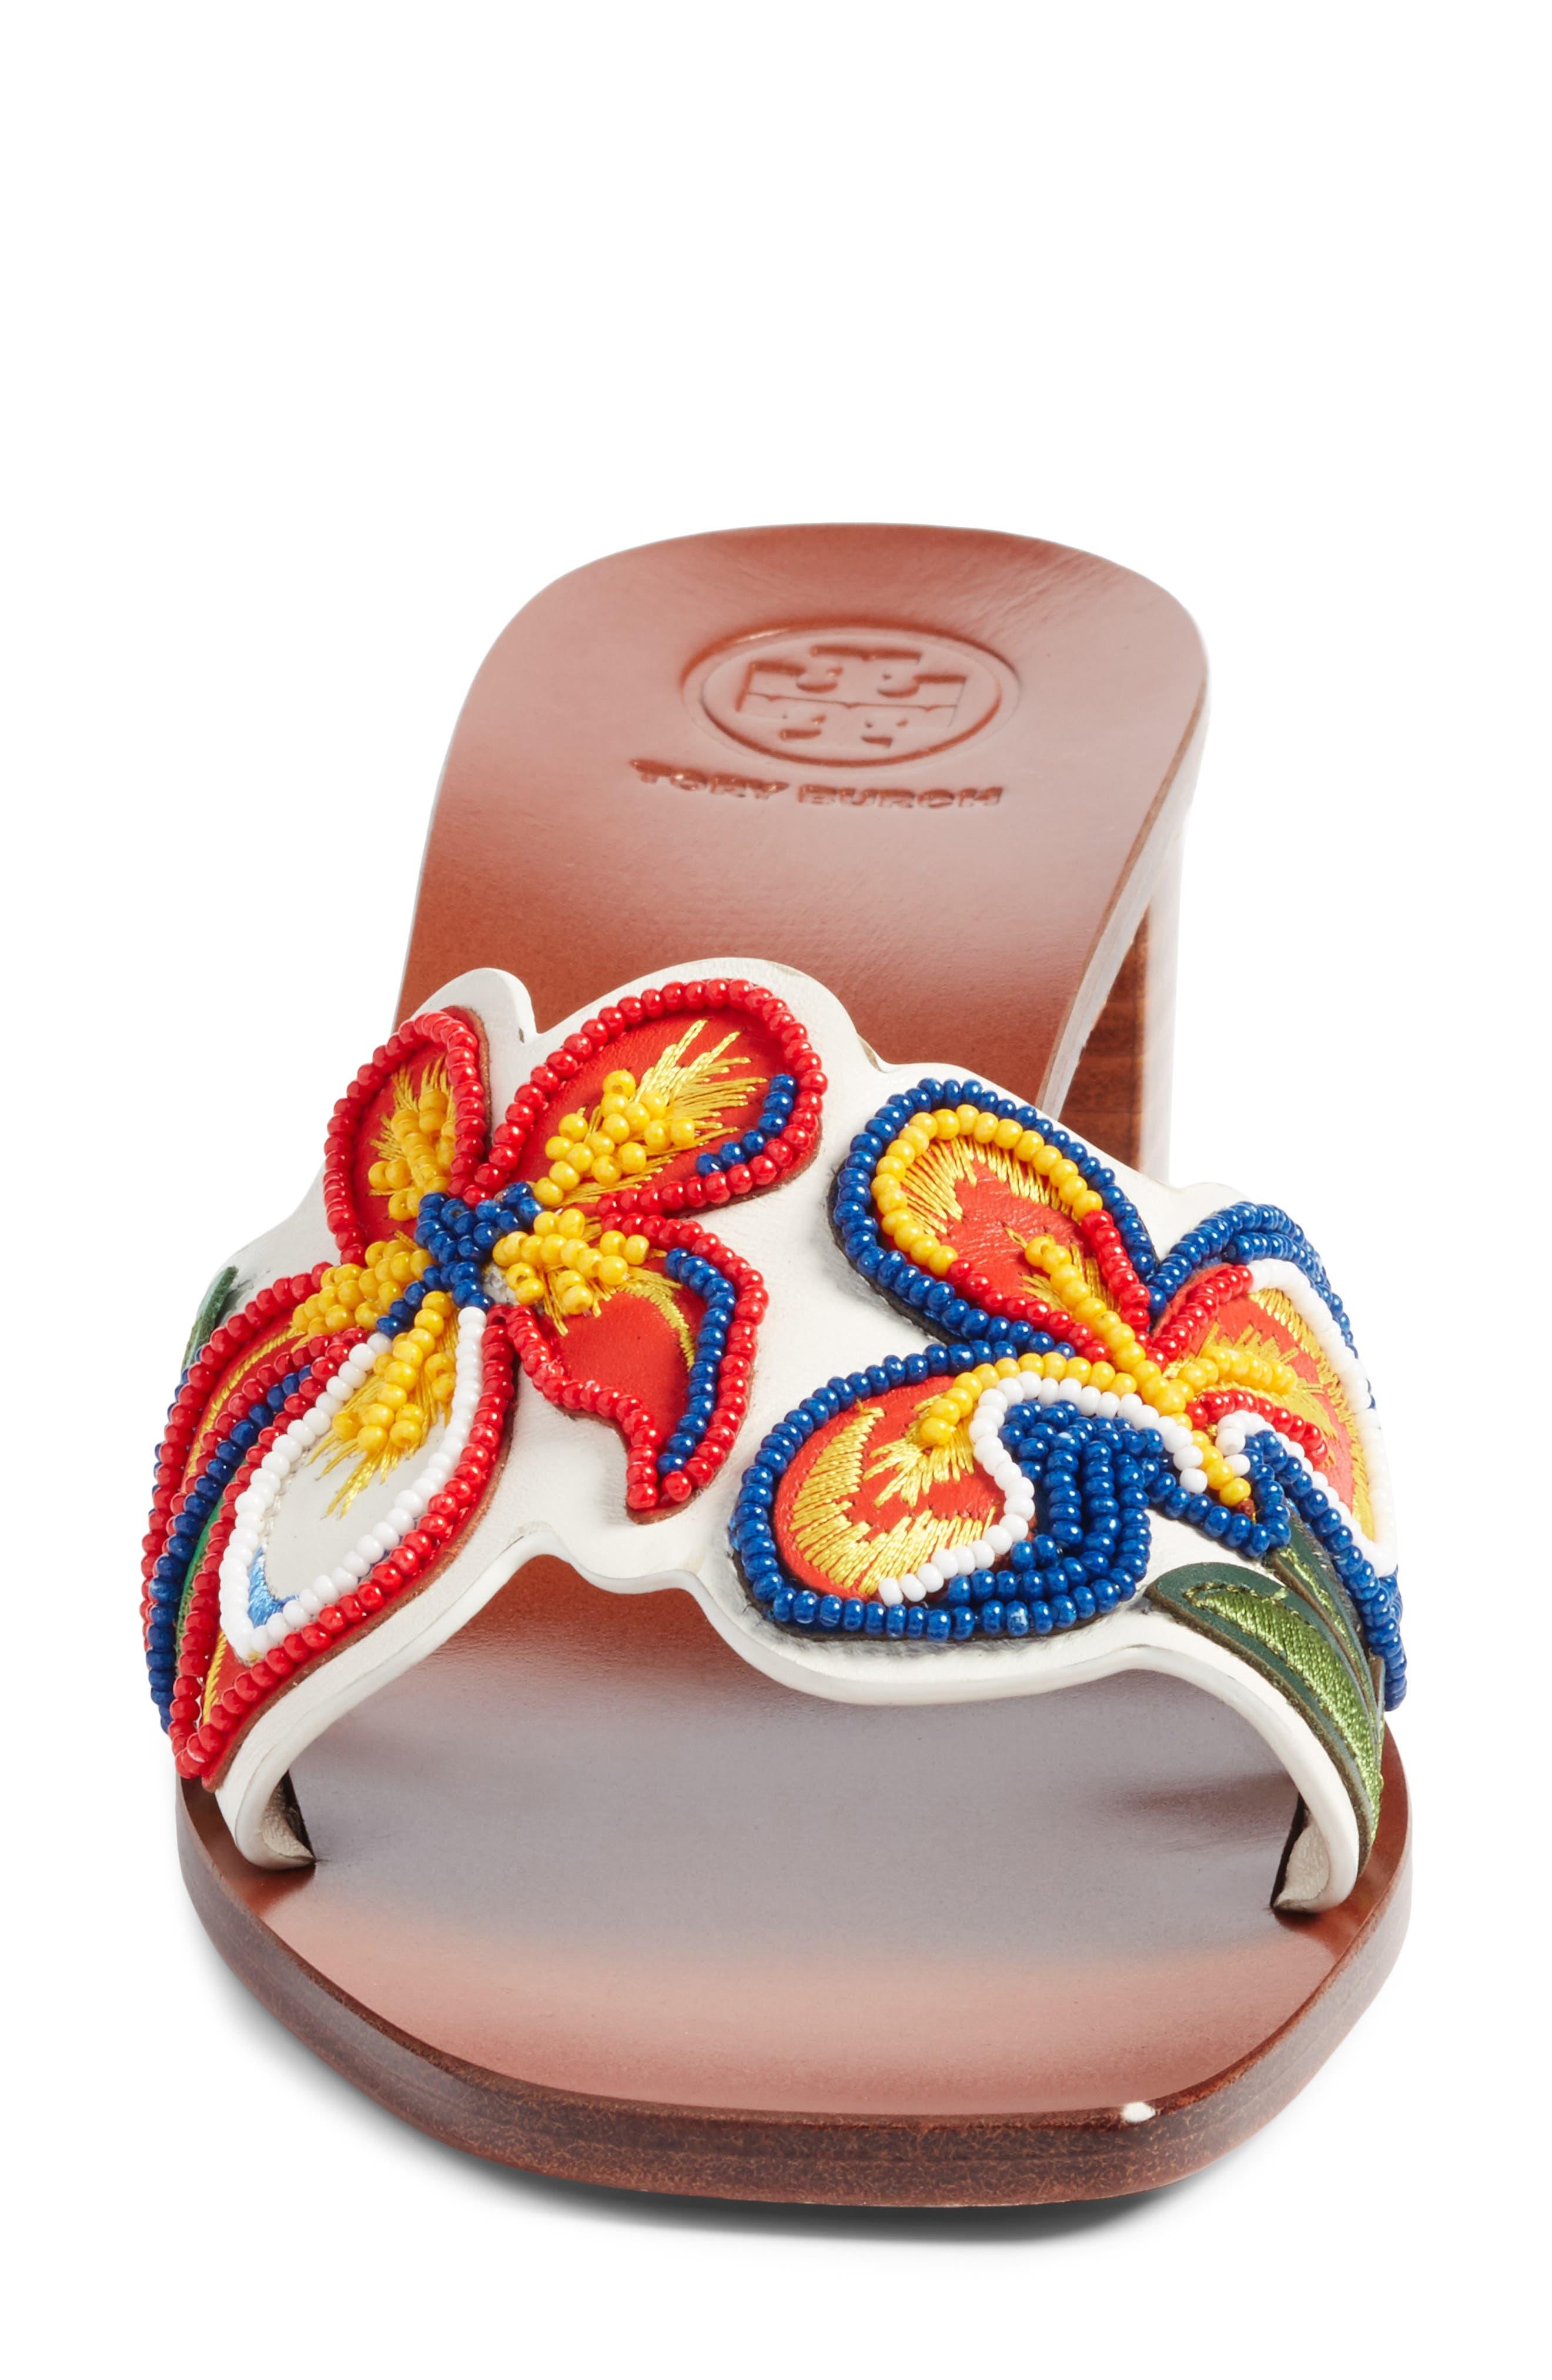 Bianca Floral Embellished Slide Sandal,                             Alternate thumbnail 4, color,                             Perfect Ivory/ Multi Color